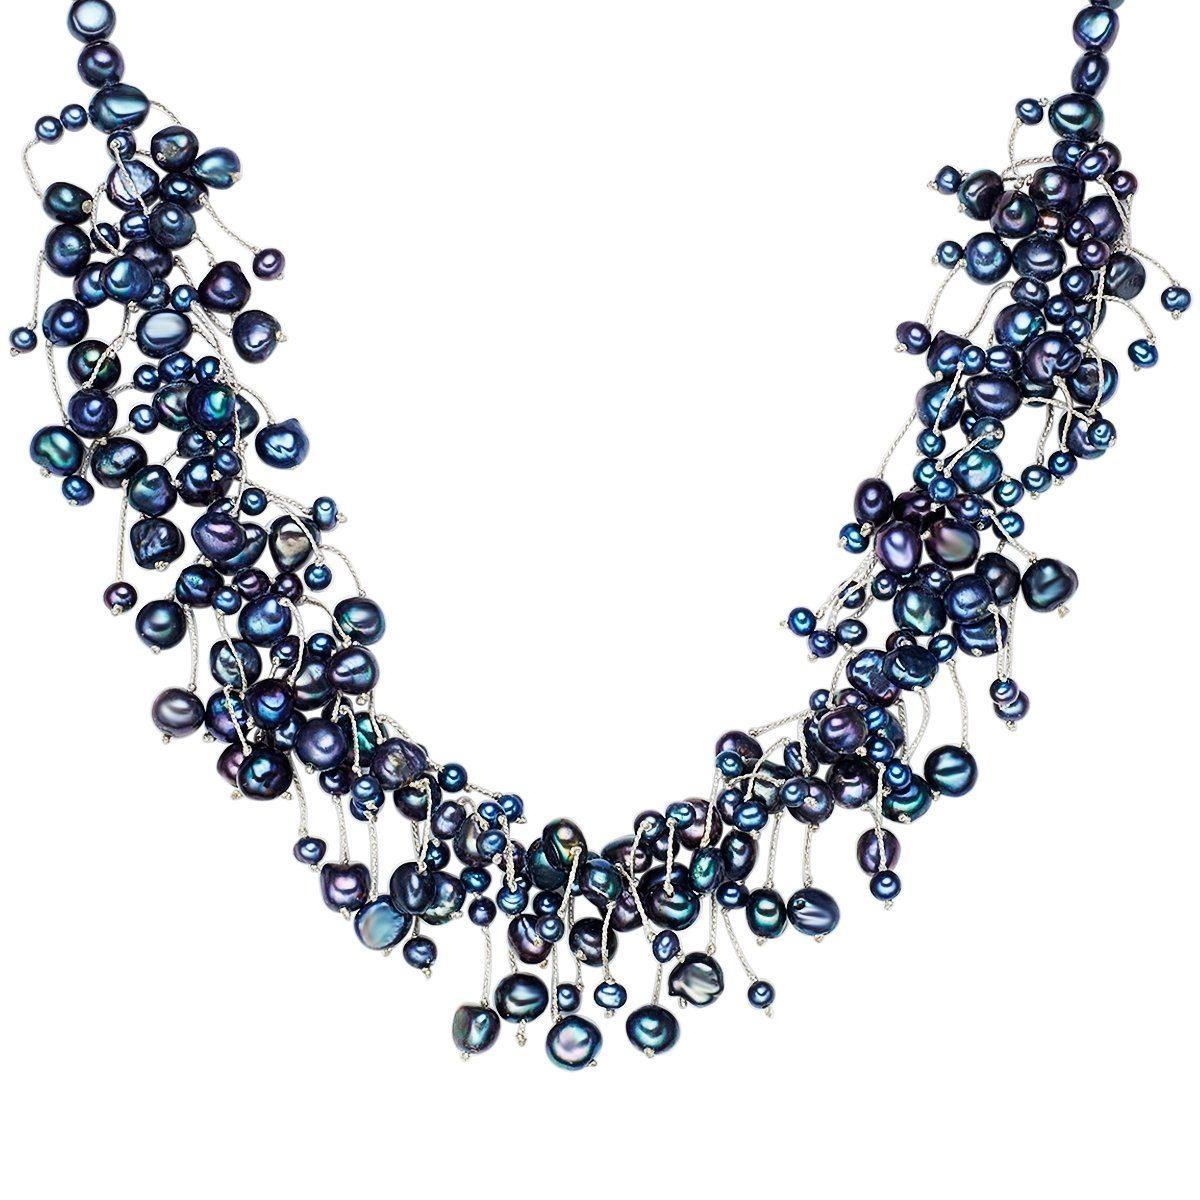 Valero Pearls Perlenkette X101 | Schmuck > Halsketten > Perlenketten | Valero Pearls